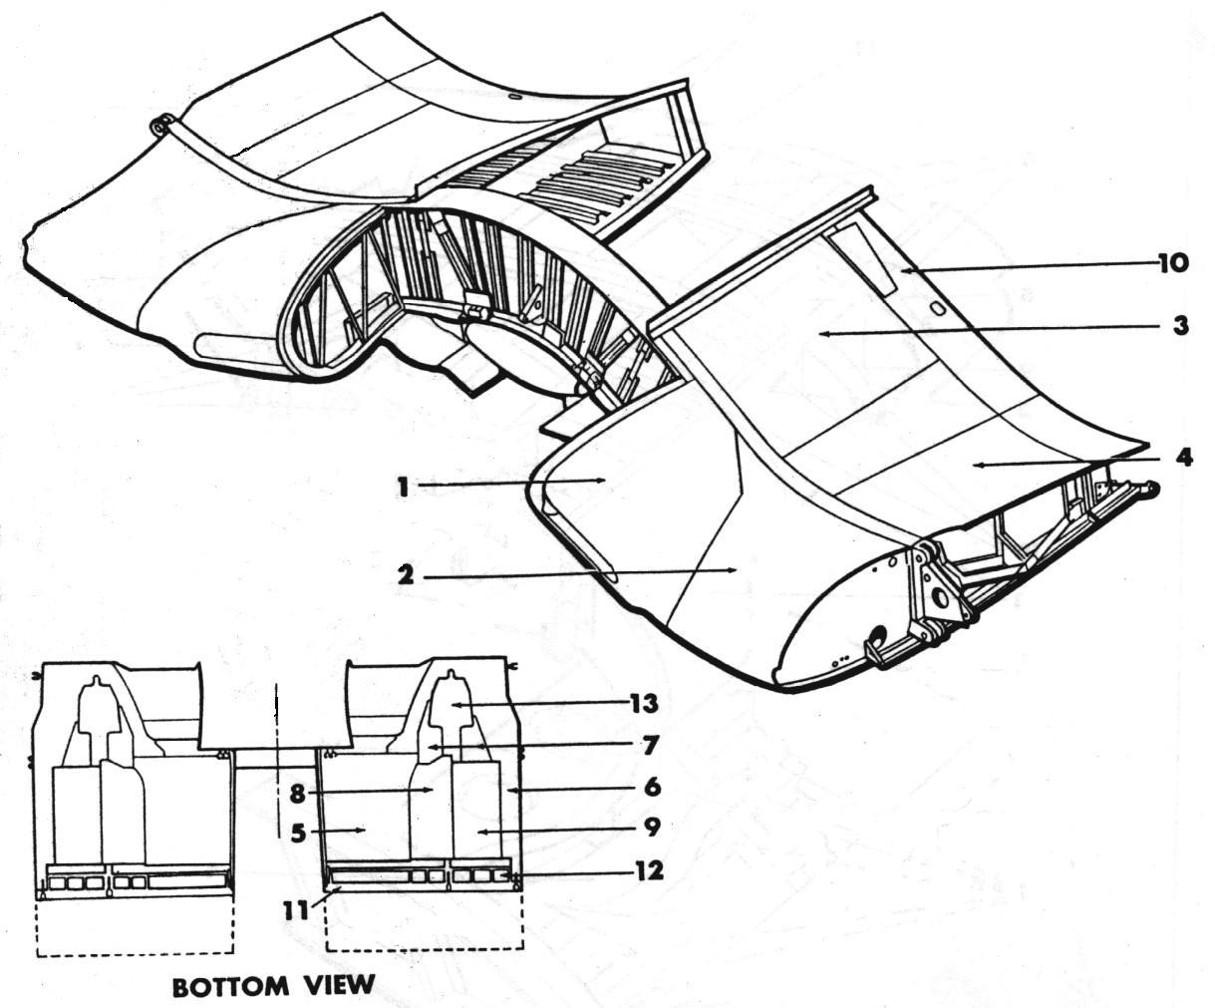 F4u Corsair Spar Bolton Works Measurement Without